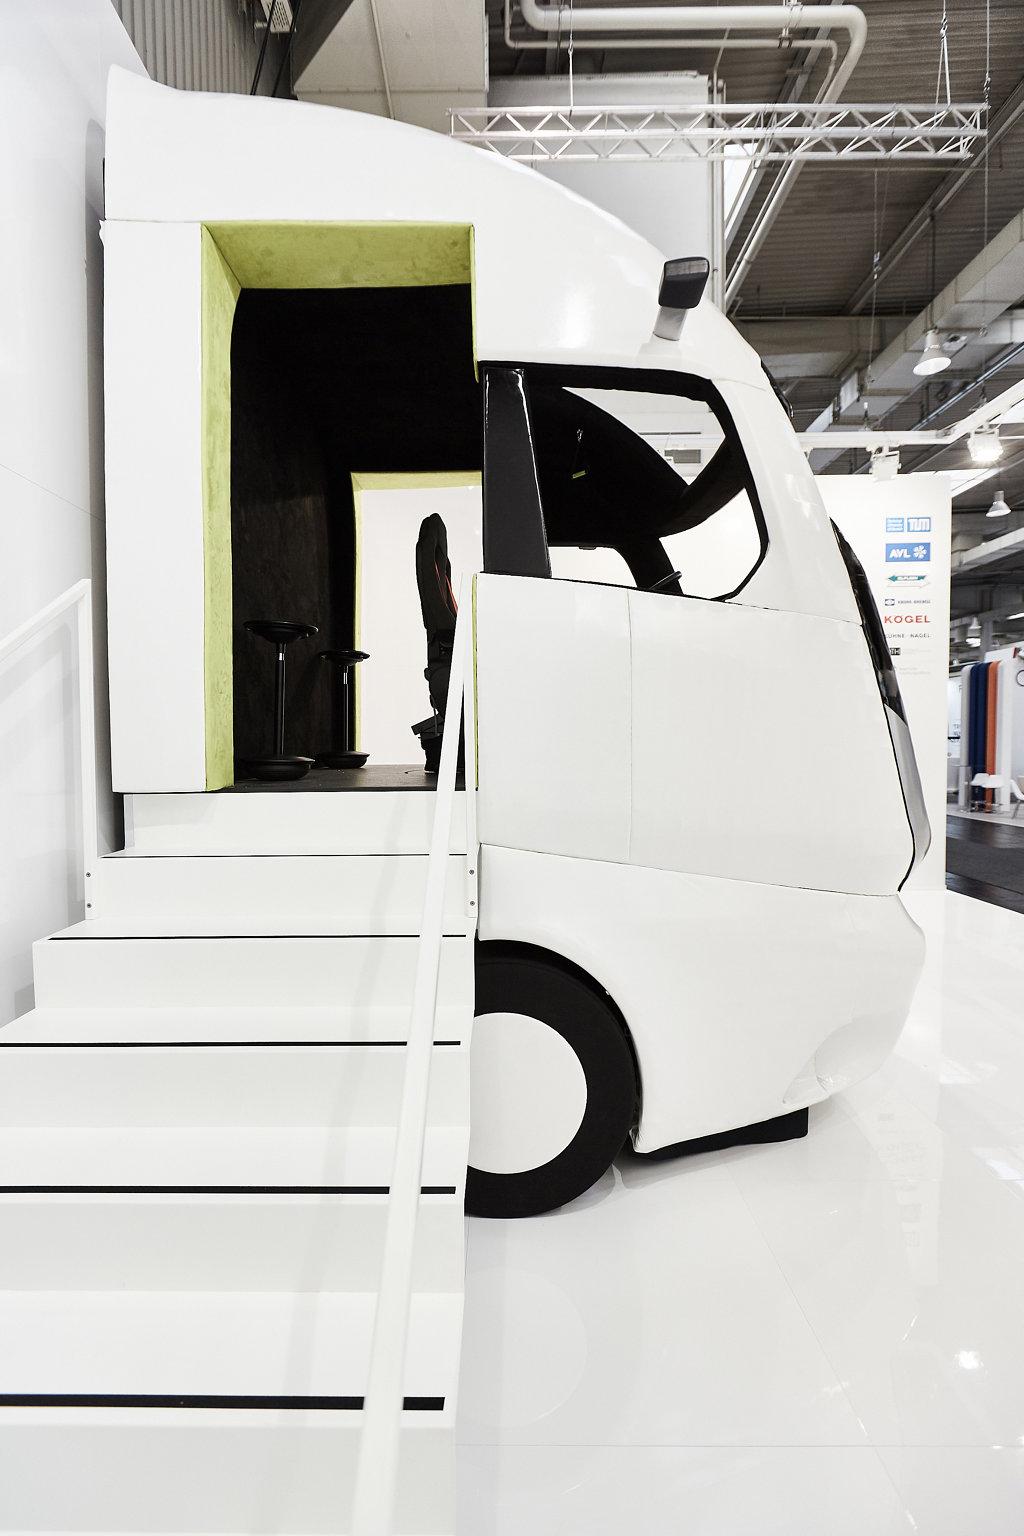 Truck 2030 IAA 2018 - 04